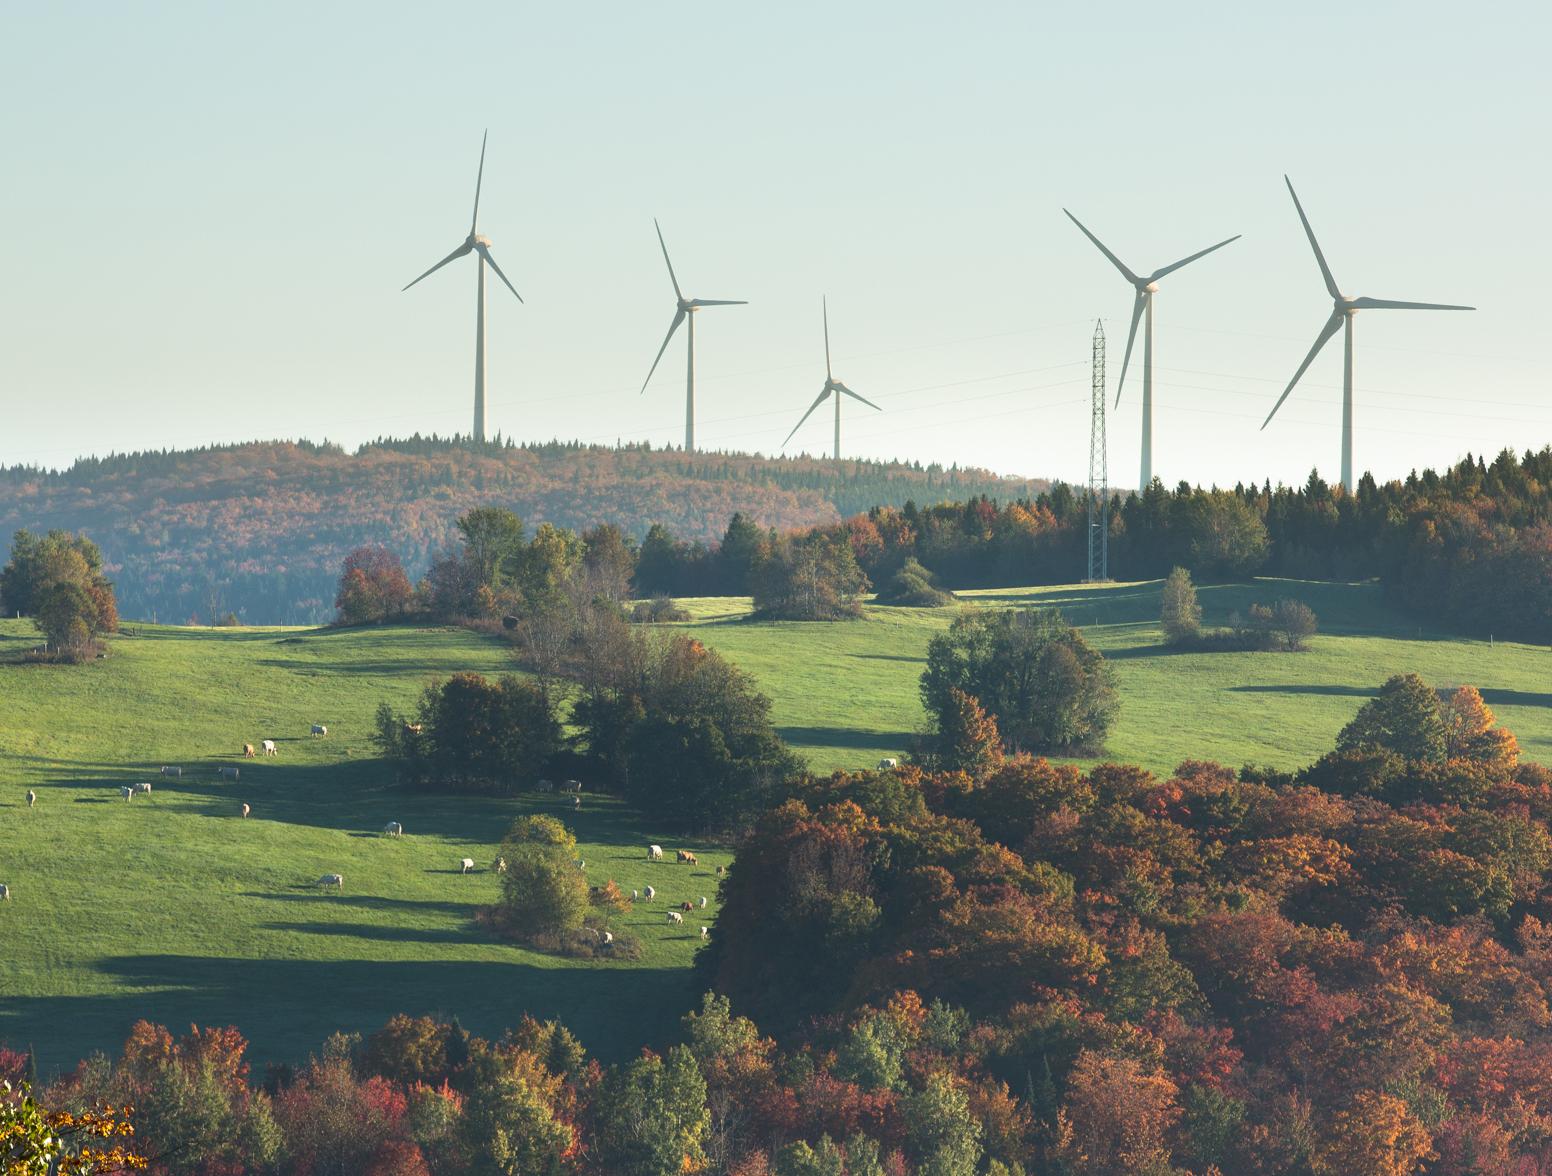 Eólica y energías renovables: Aerogeneradores de Enercon para el primer parque eólico de Elecnor en Canadá